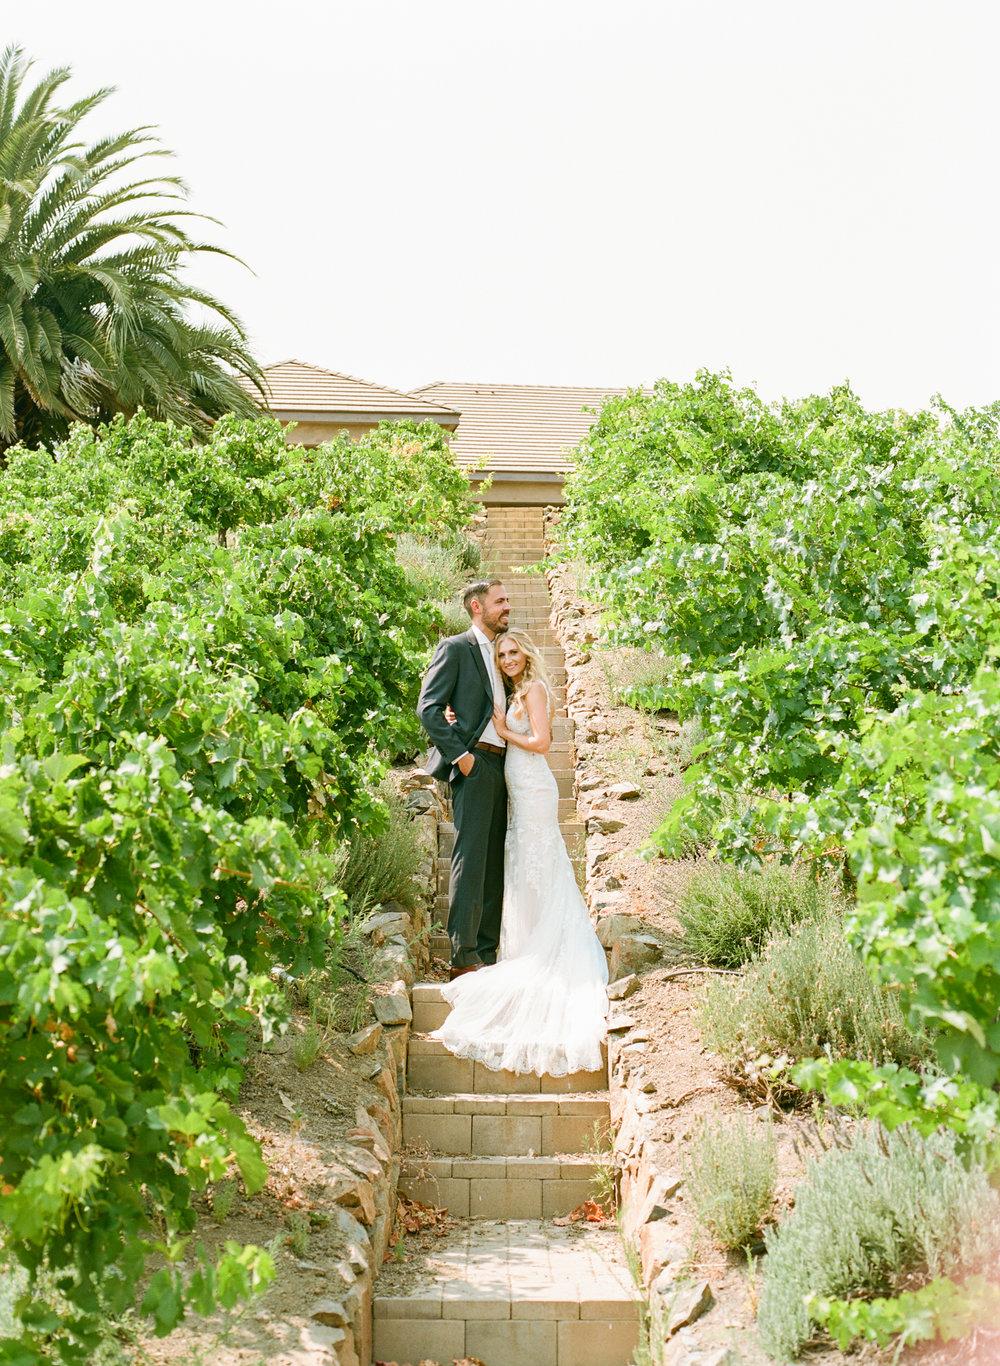 dennisroycoronel_ashleyanthony_vanessahudgens_austinbutler_wedding_losangeles_photographer-90.jpg